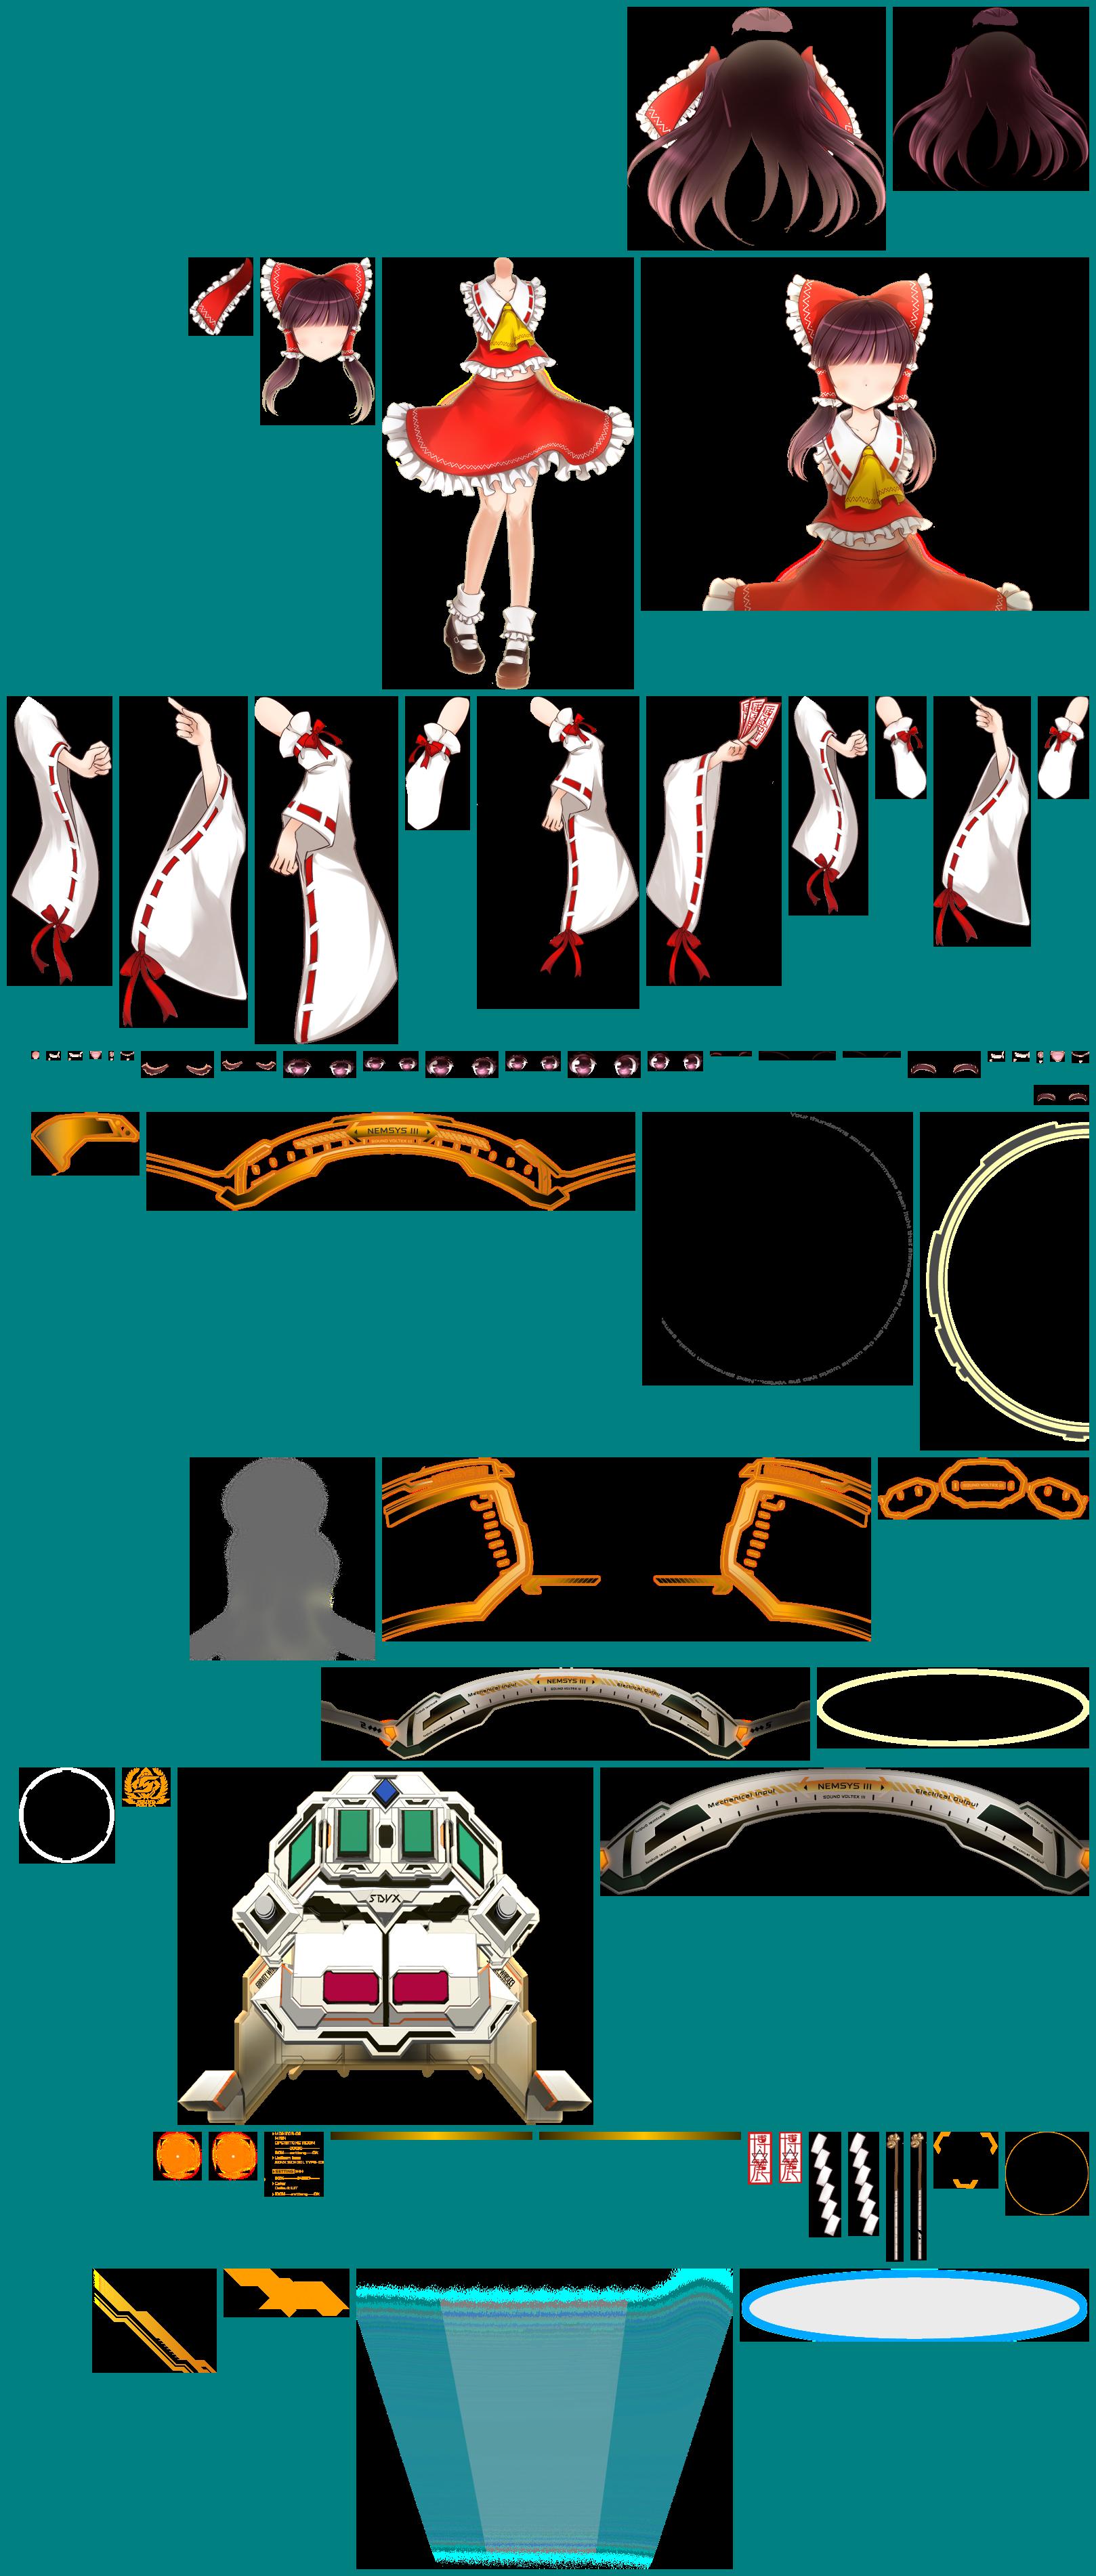 Arcade - Sound Voltex Series - Reimu Hakurei - The Spriters